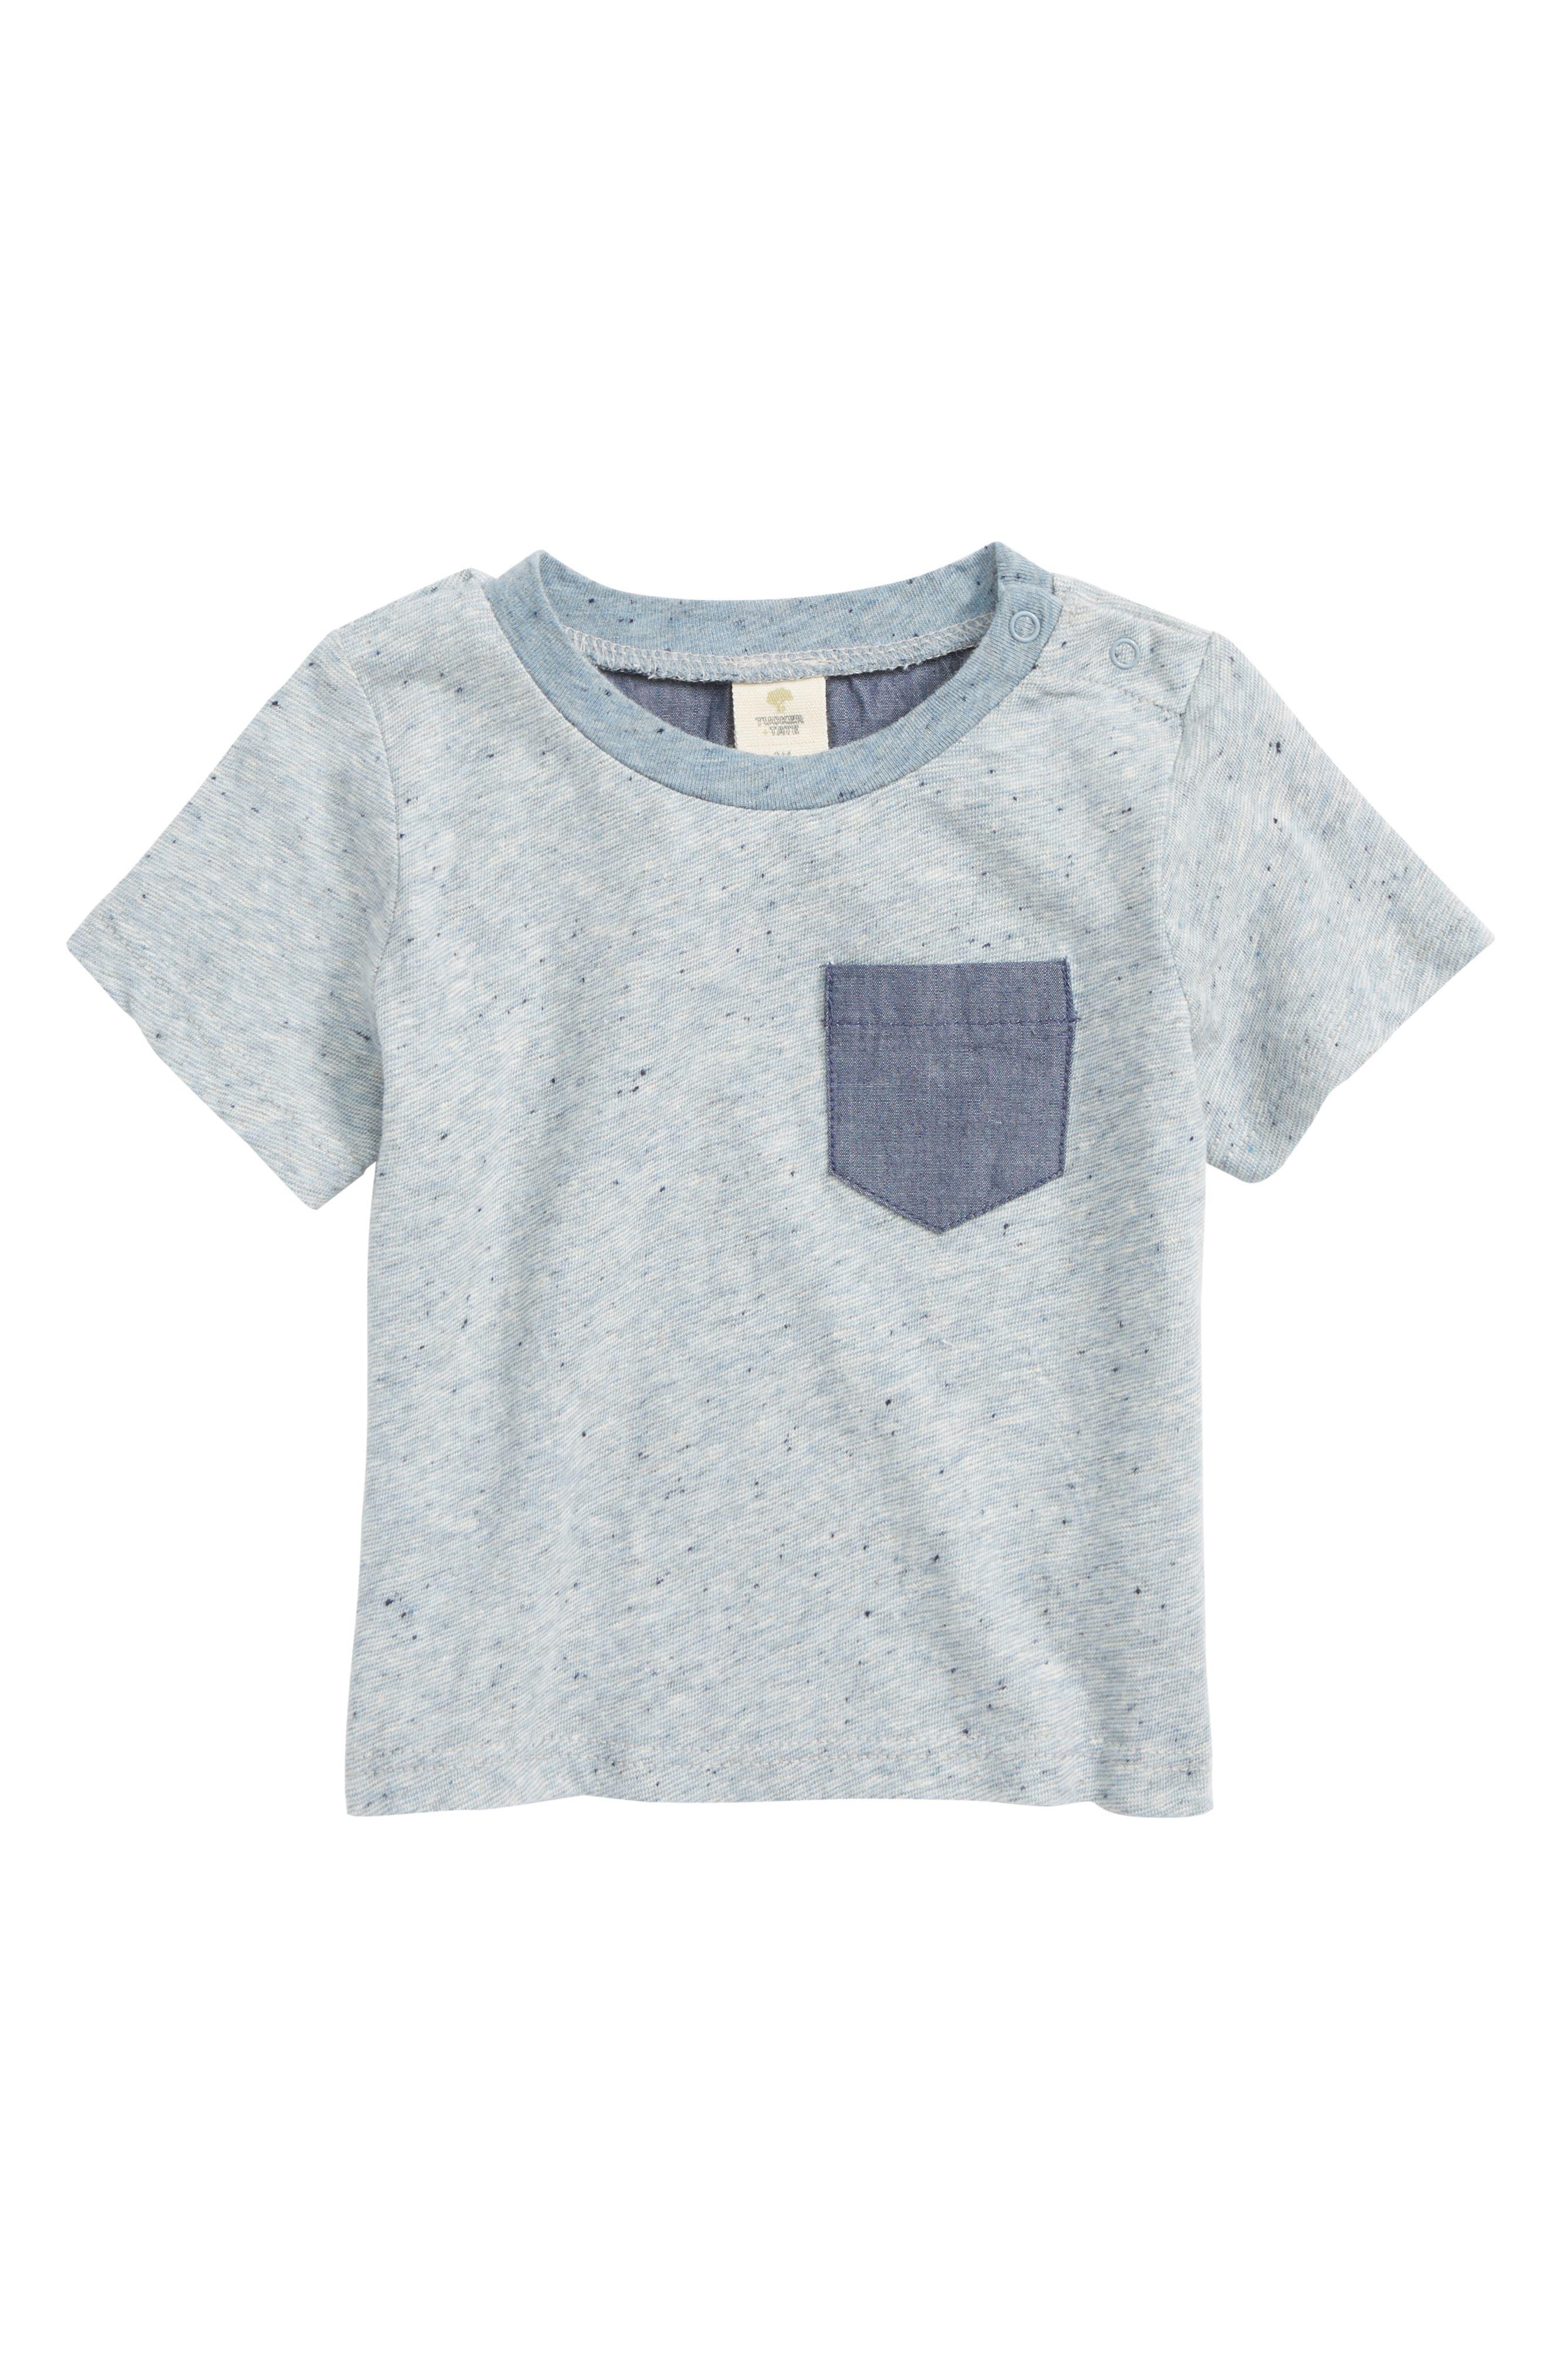 Main Image - Tucker + Tate Pocket T-Shirt (Baby Boys)